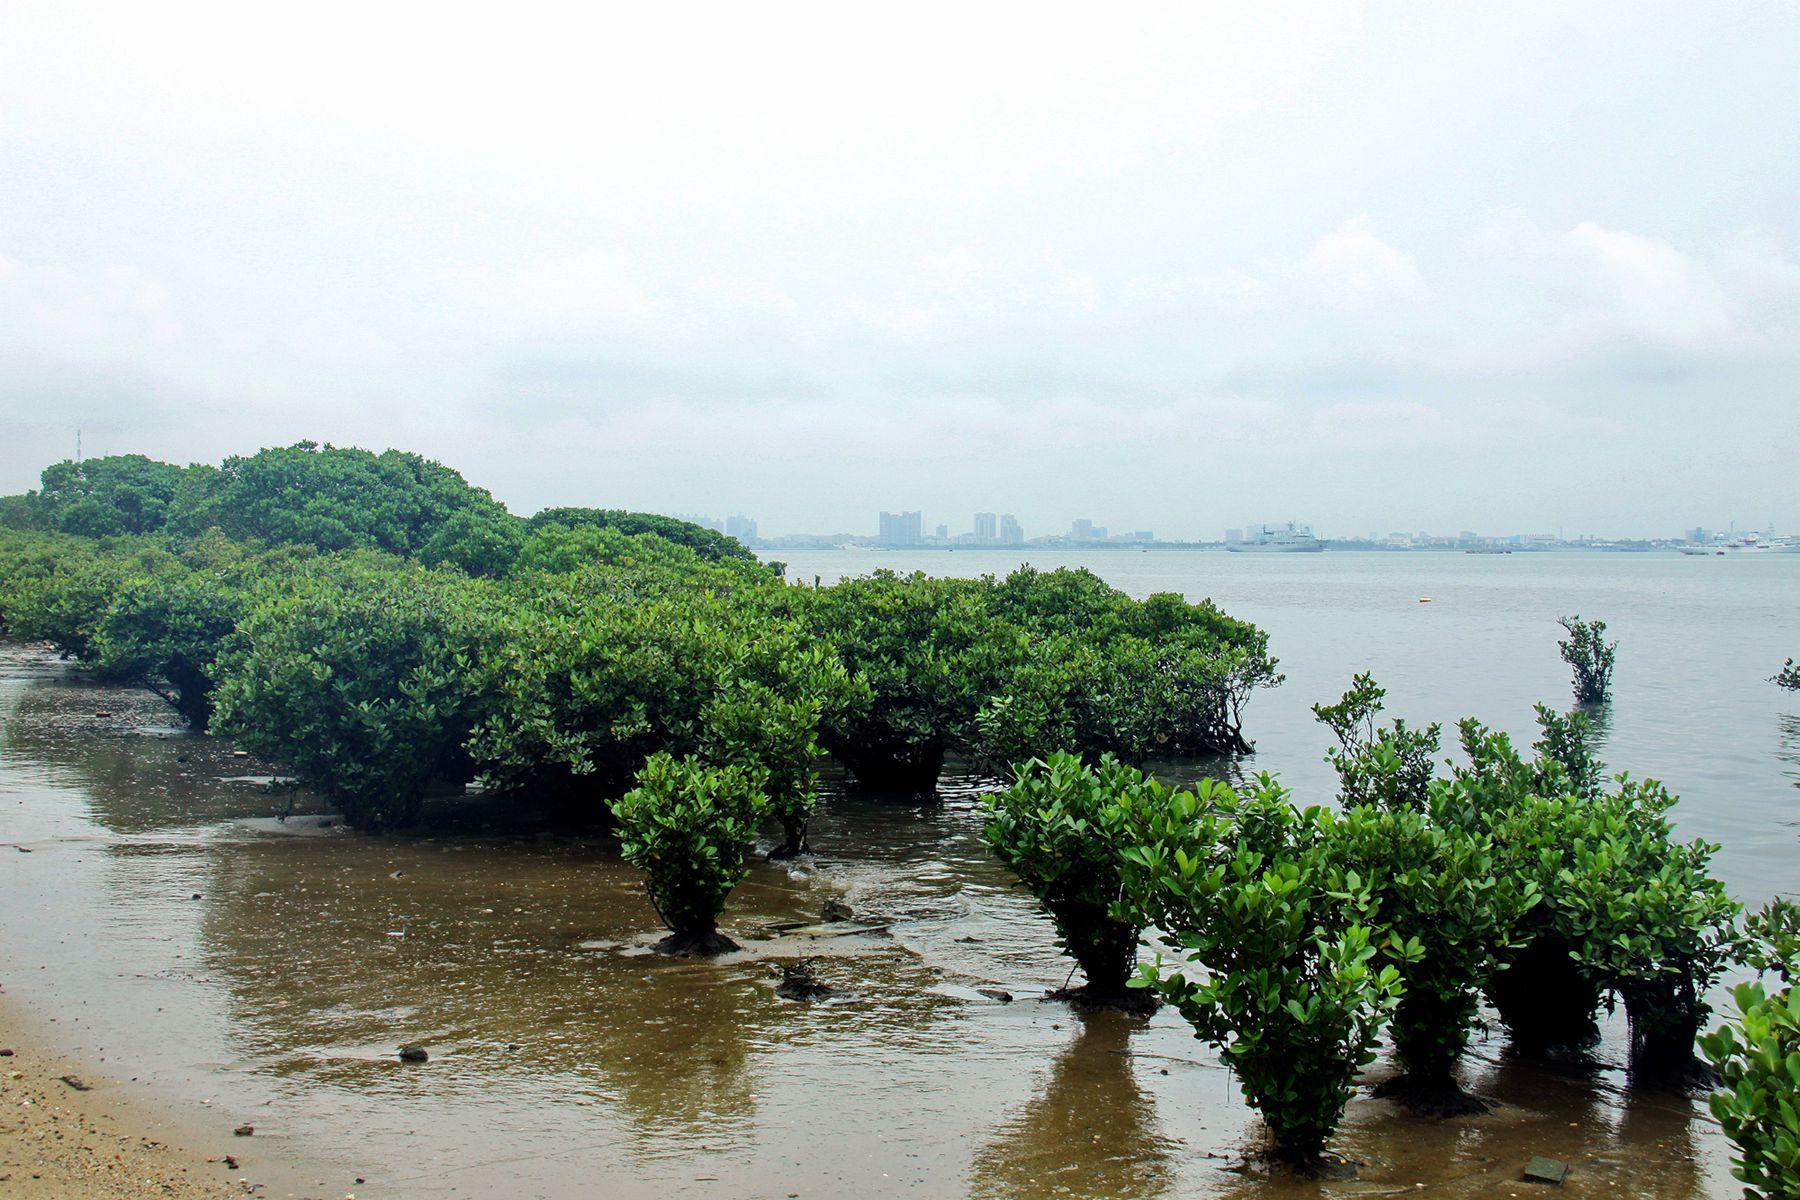 红树林 - 自然风景 - 数码摄影网论坛 - 摄影交流论坛